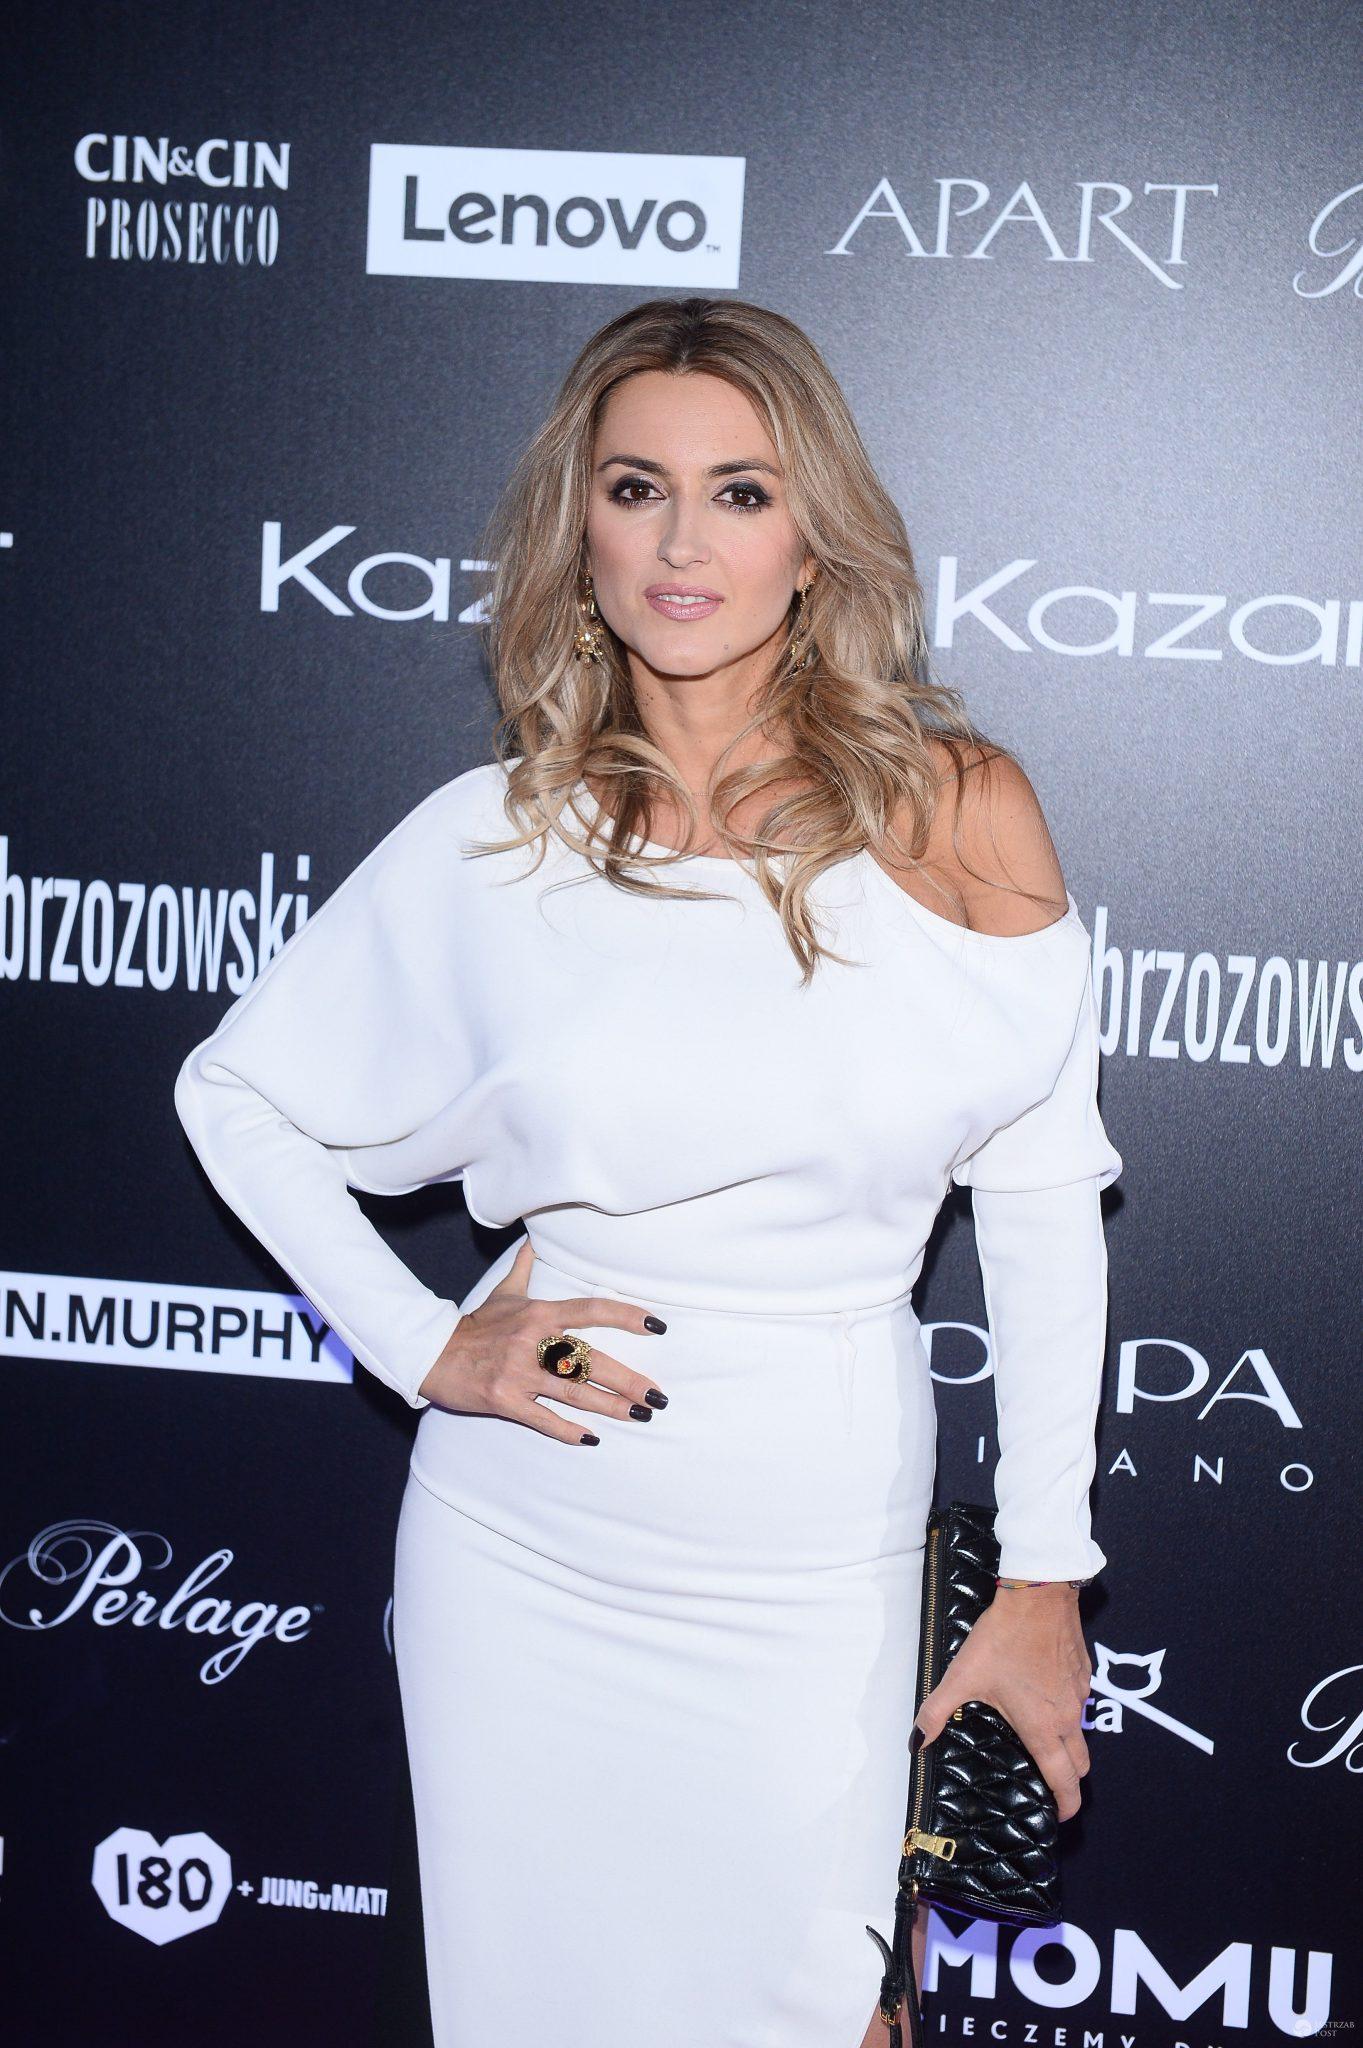 Karolina Szostak na pokazie Paprocki & Brzozowski i najnowszej kolekcji butów marki Kazar 2017, stylizacje